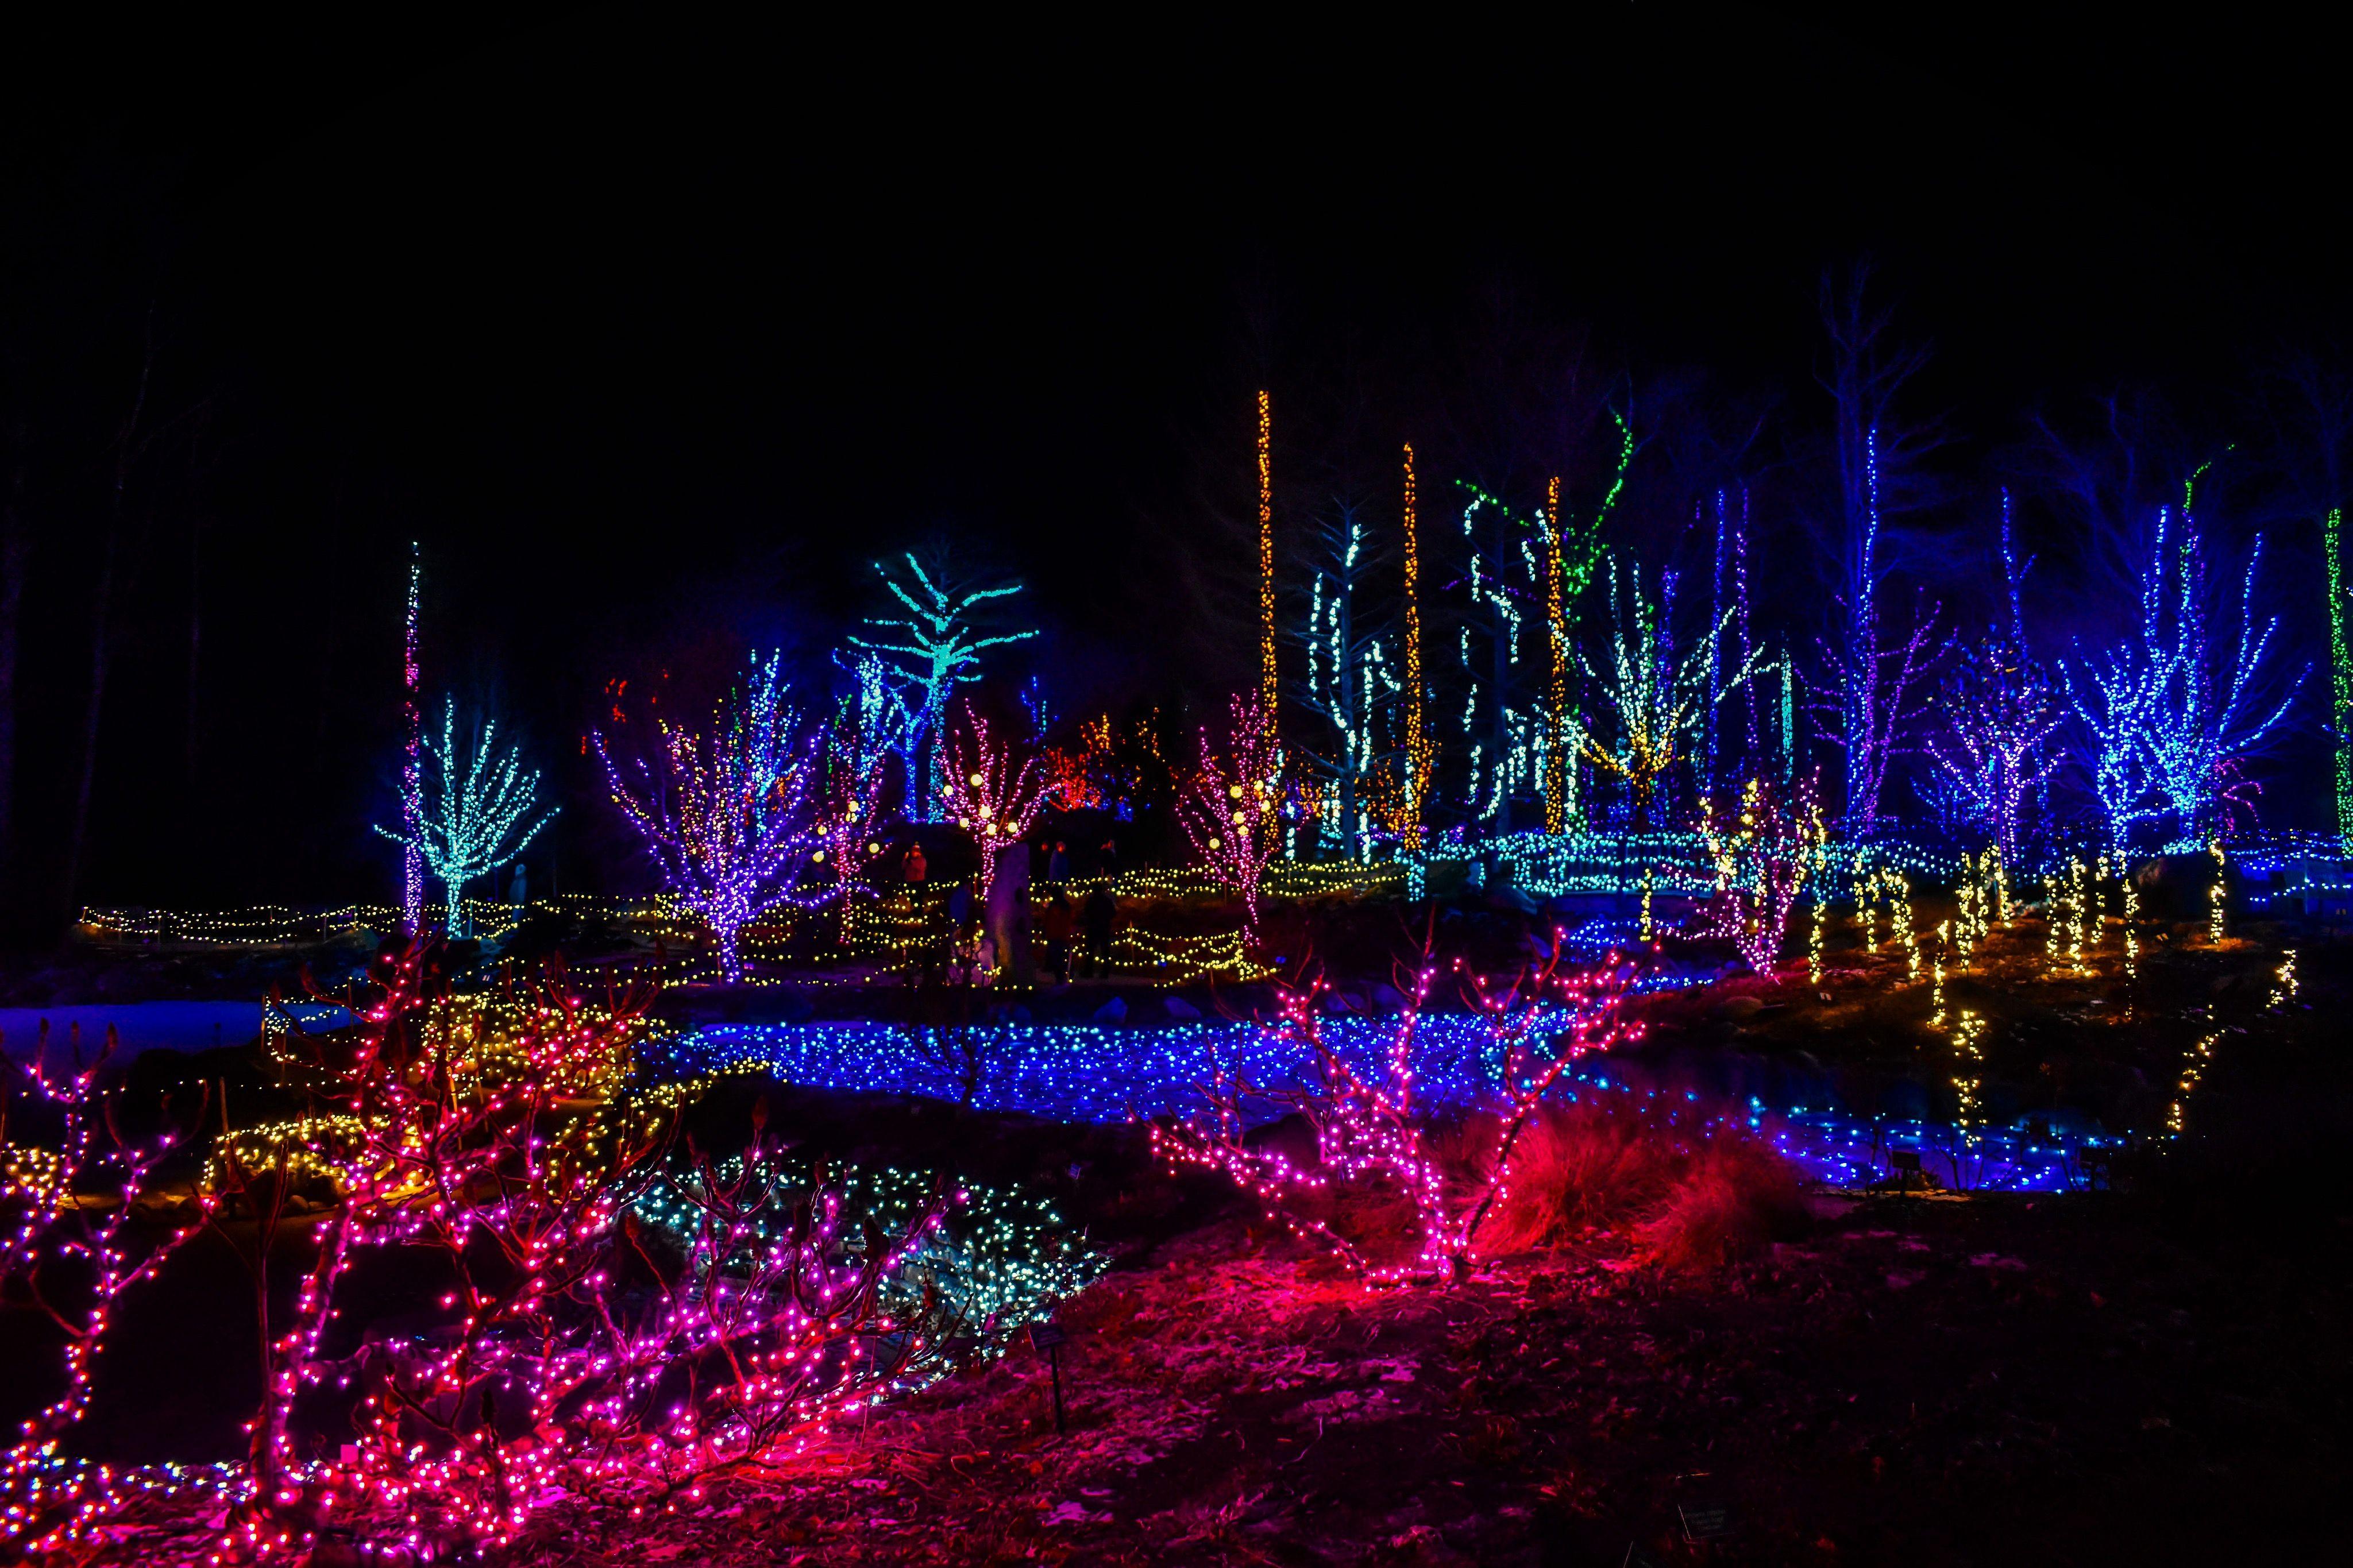 d3efa7b728ab0c667704508d4e31b0ac - Coastal Maine Botanical Gardens Maine Days